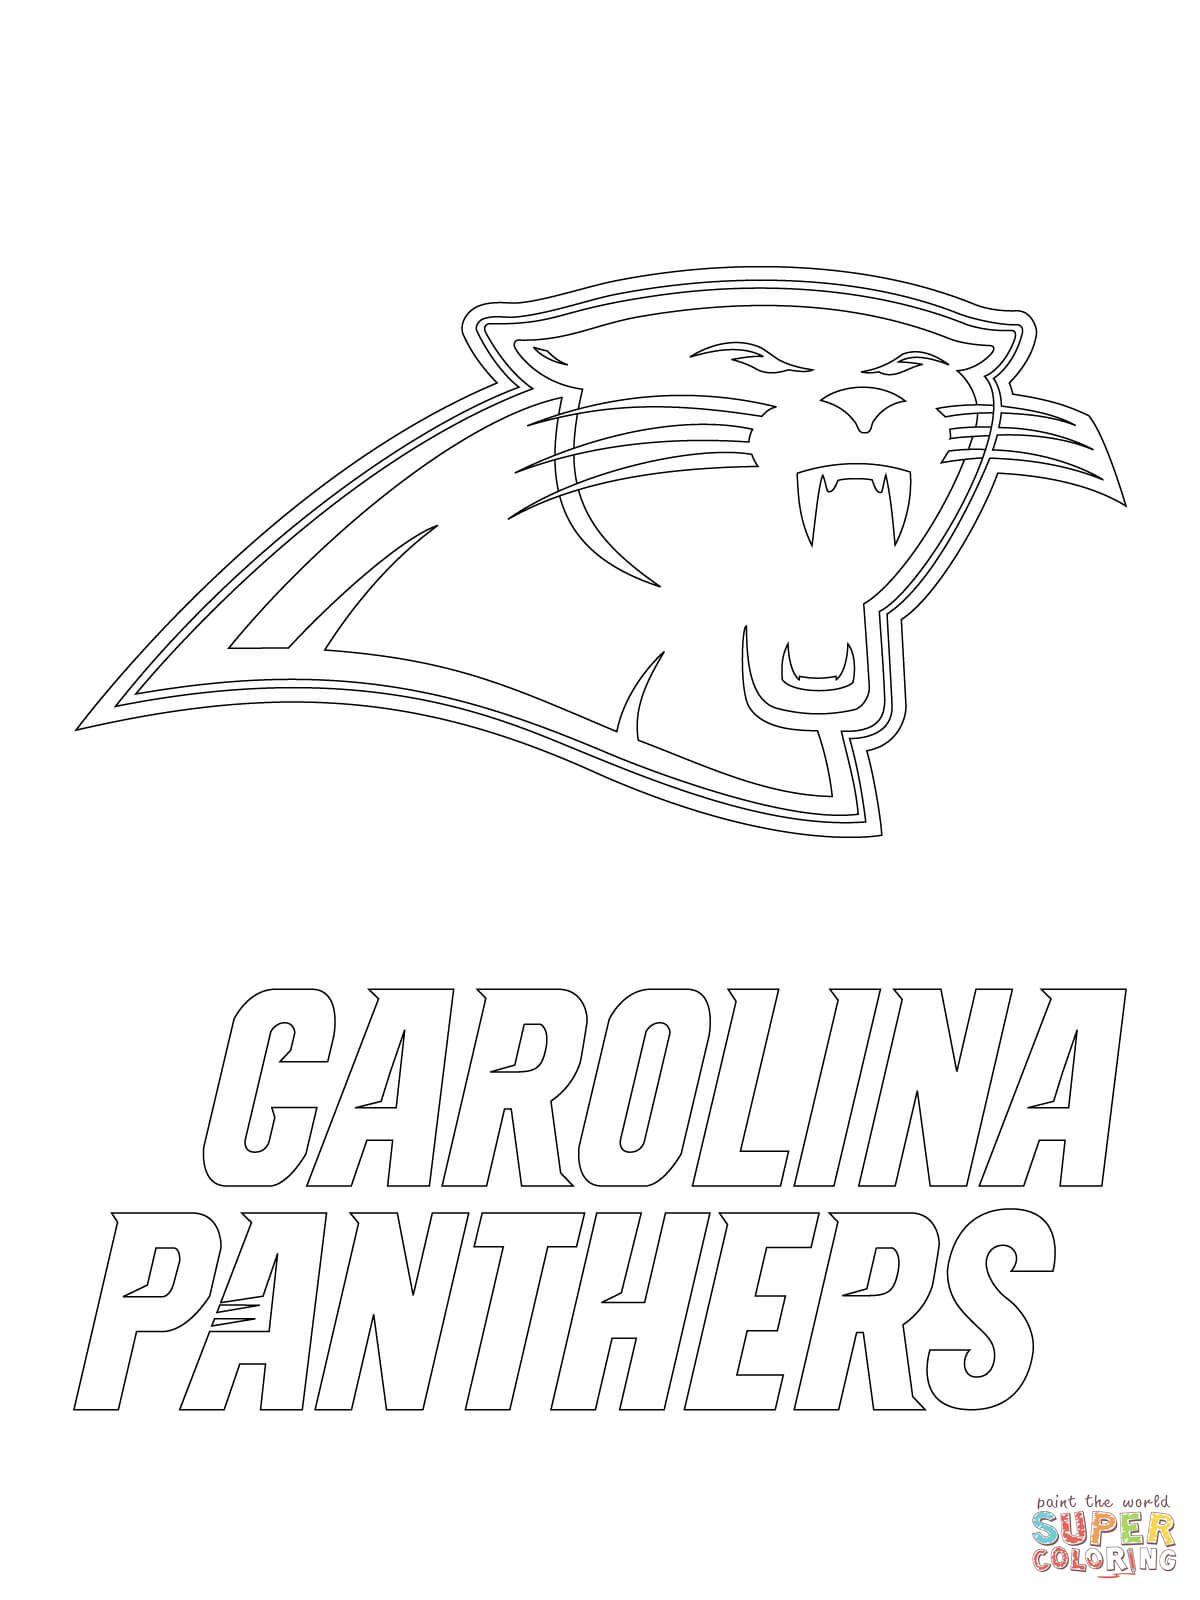 Carolina Panthers Coloring Page (With images) Carolina